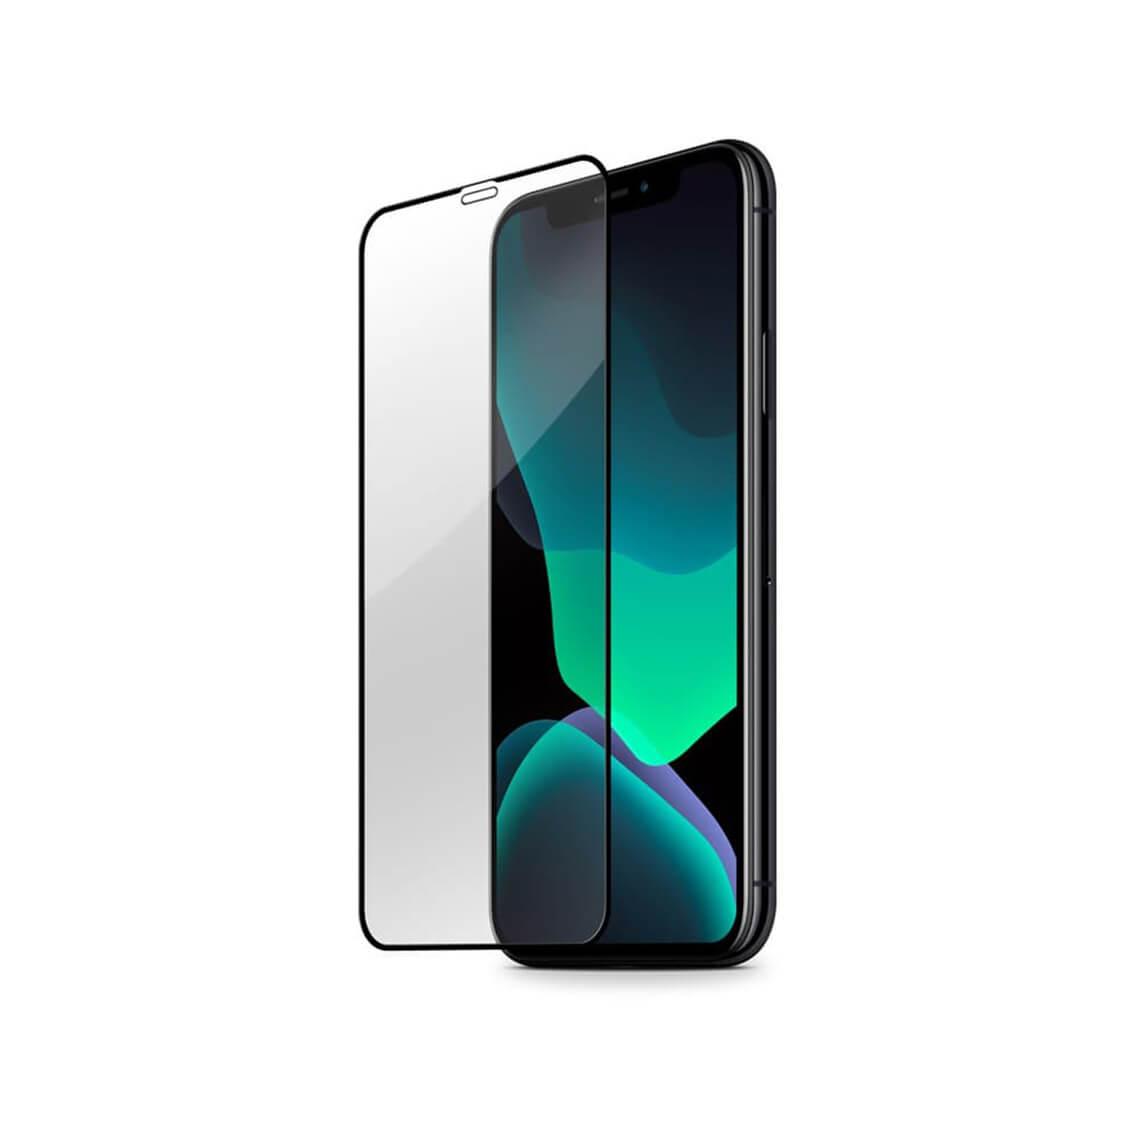 محافظ صفحه نمایش بلینکس Lumino برای iPhone12 Pro Max